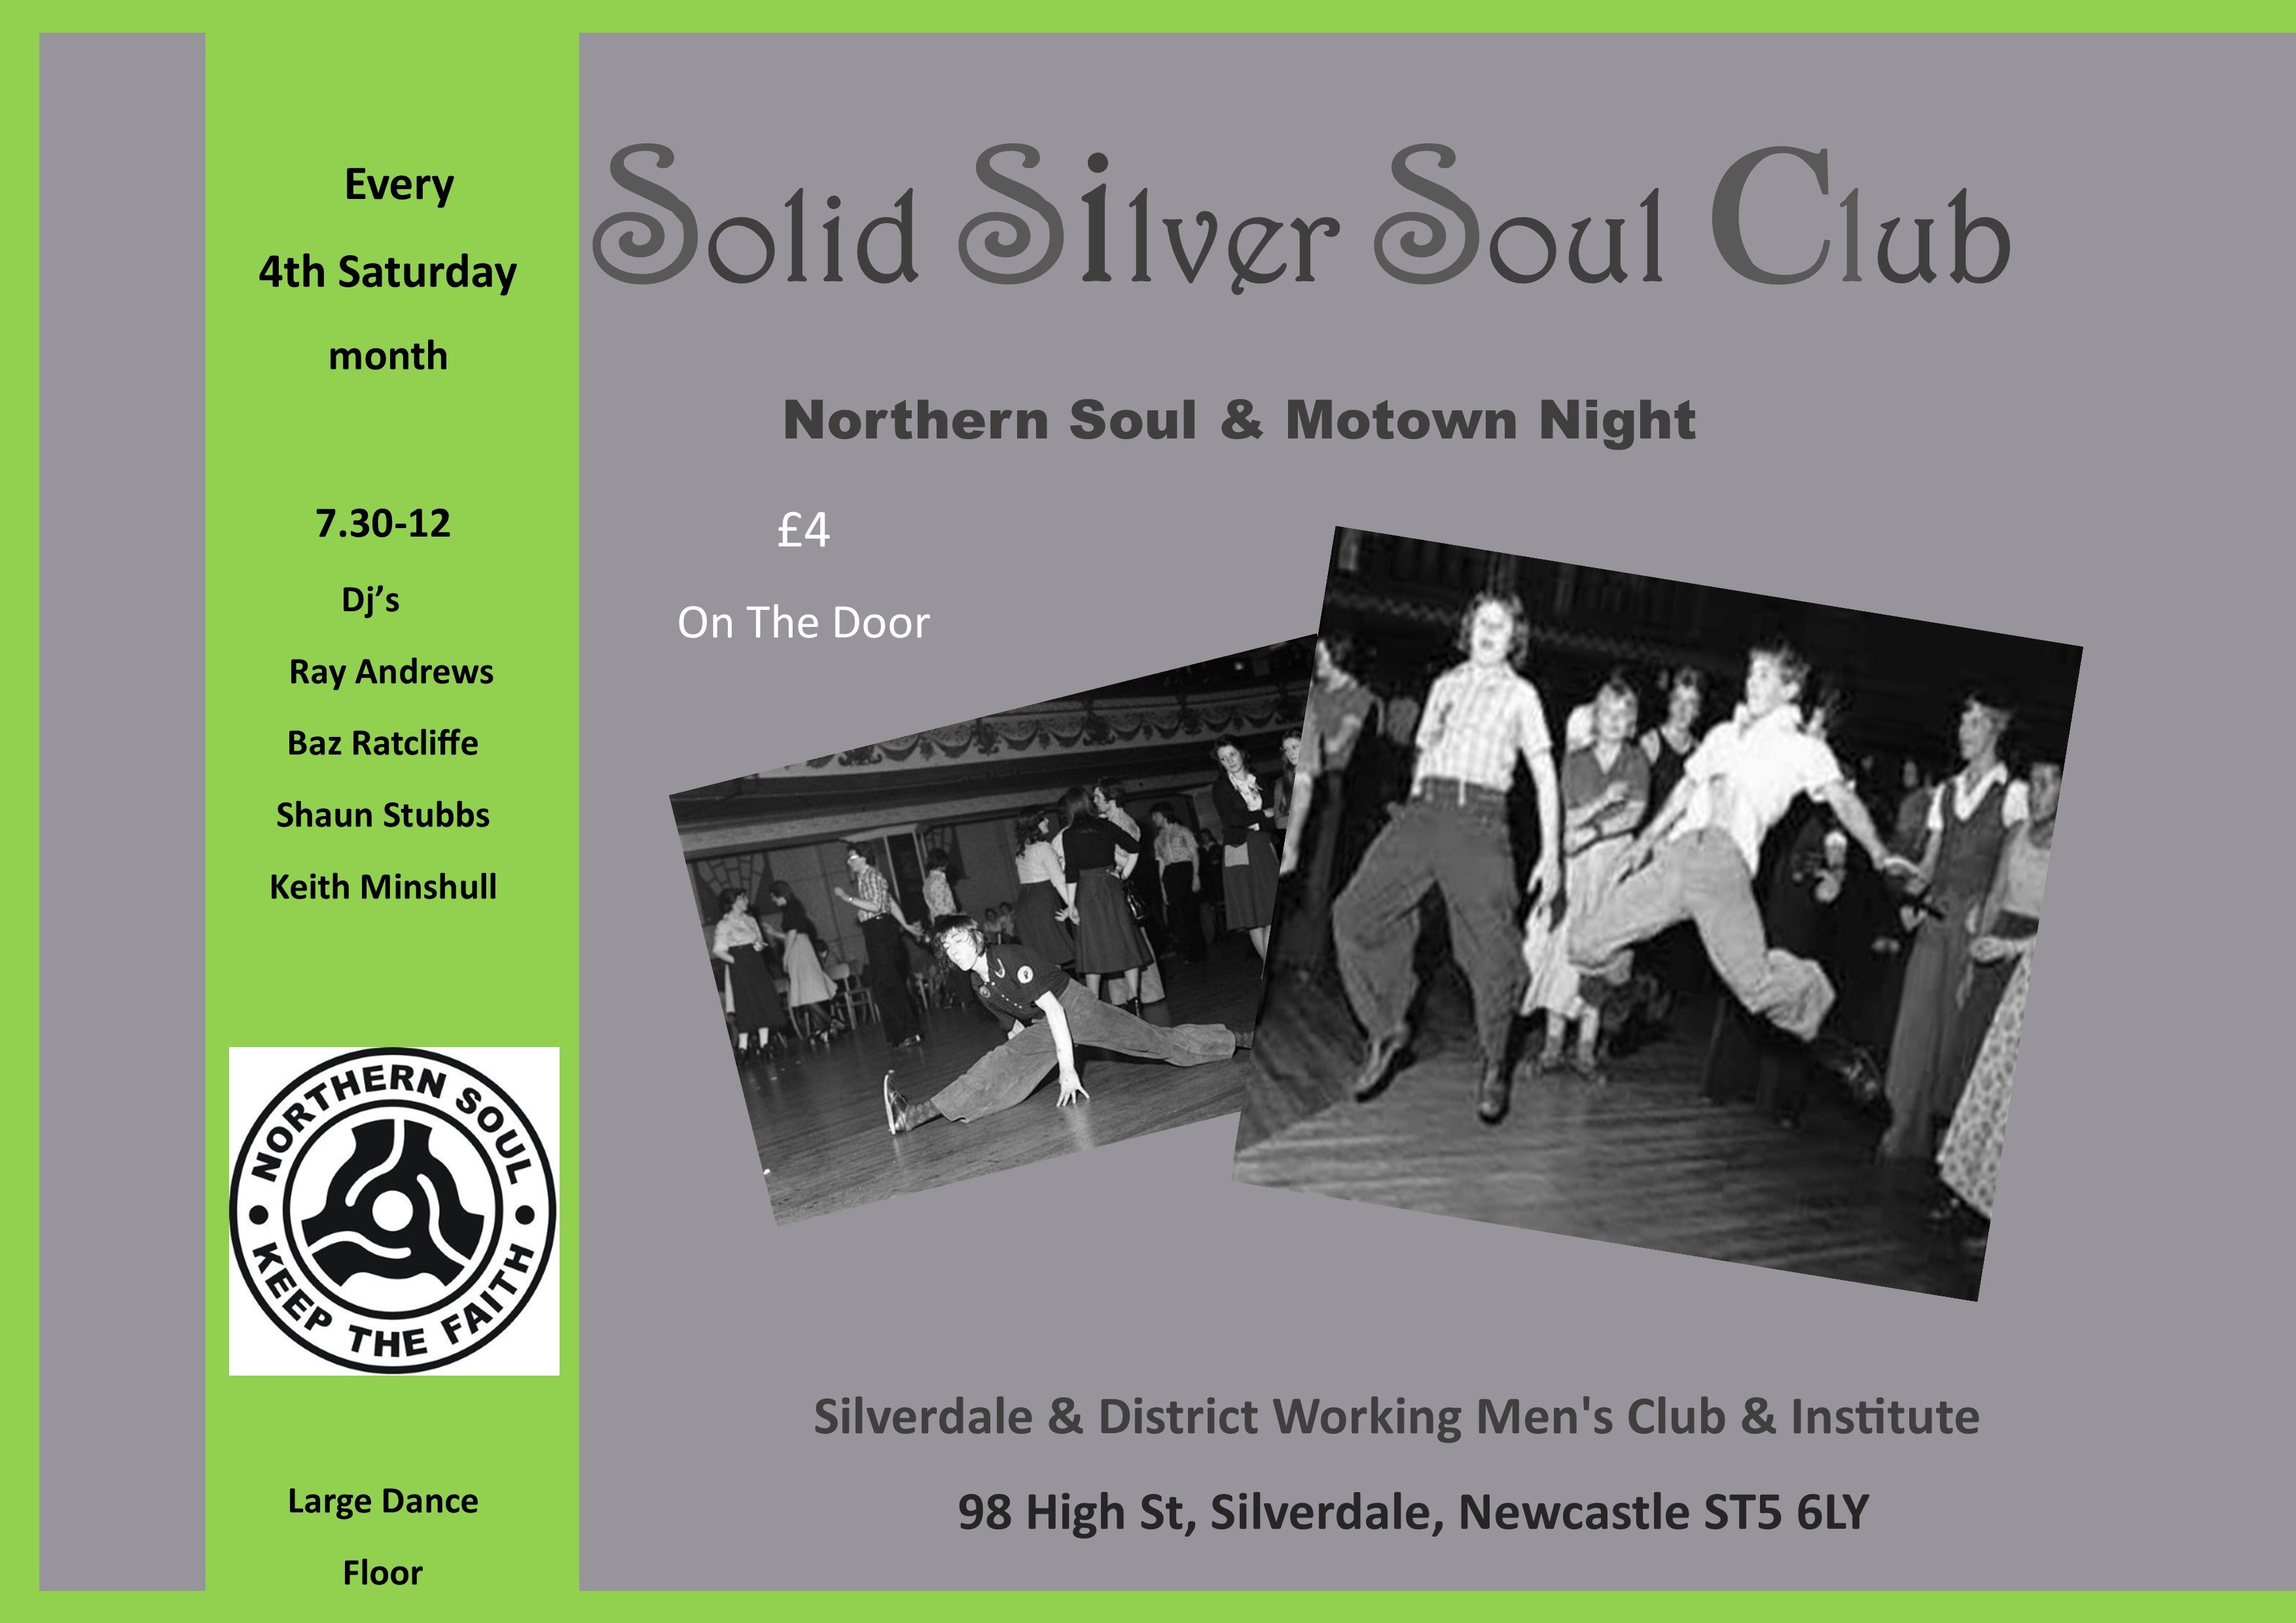 Solid Silver Soul Club Newcastle Staffs flyer